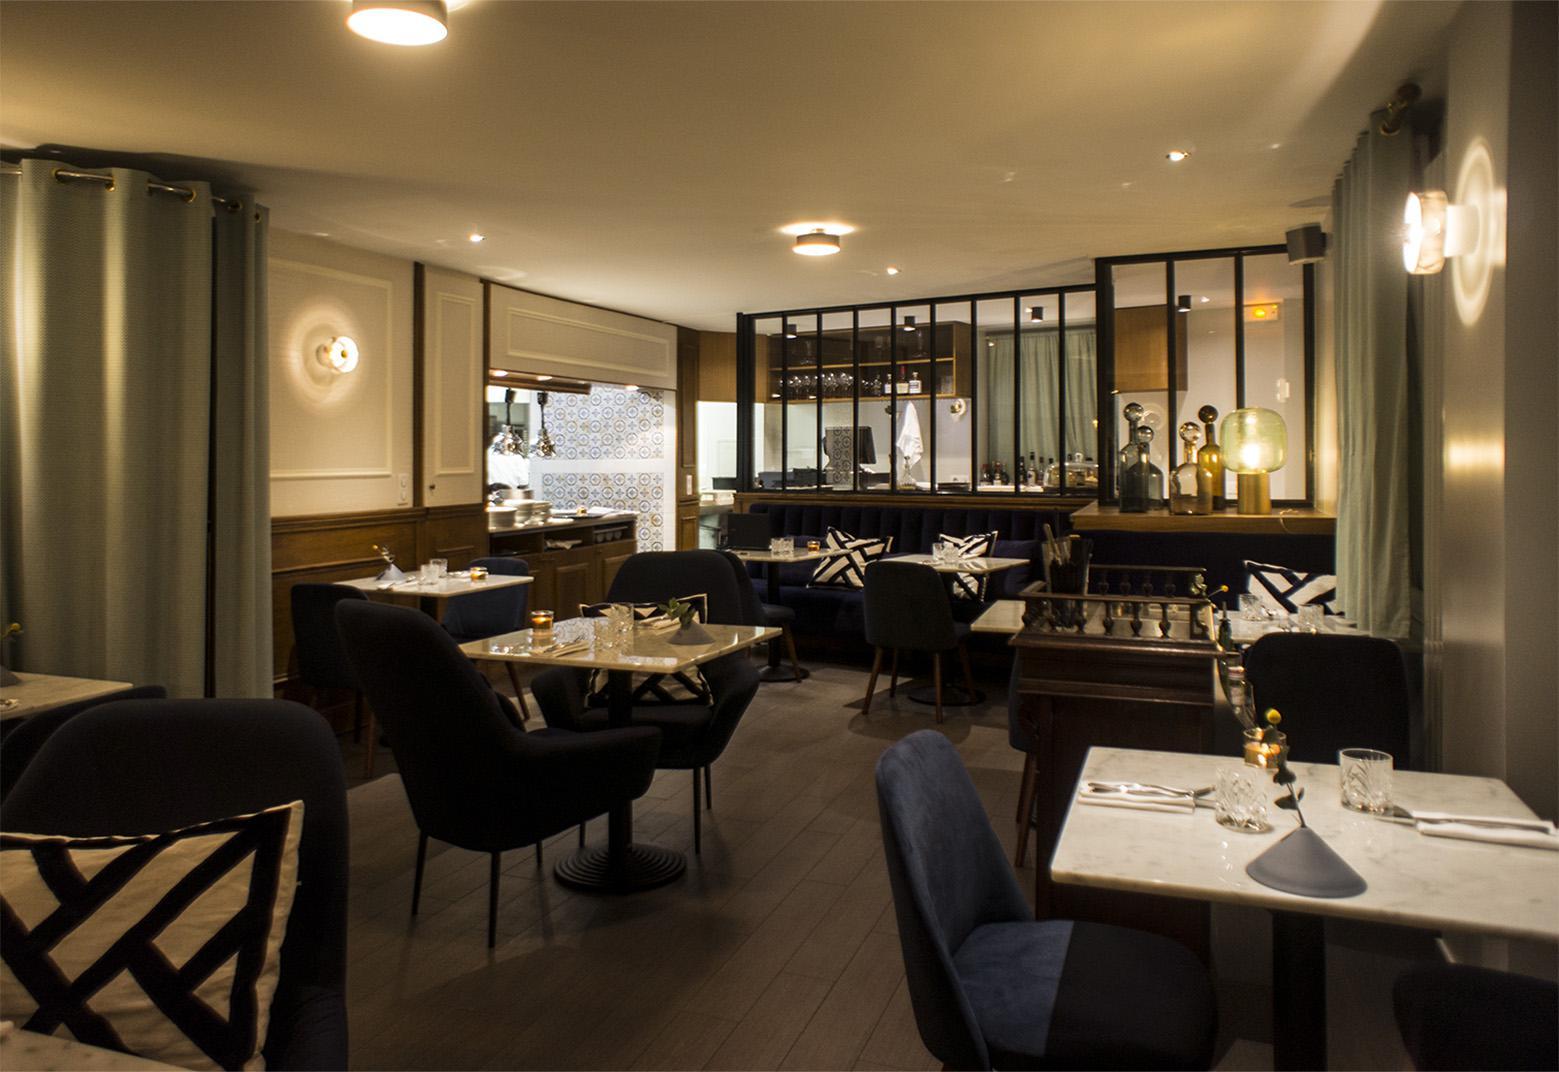 Decoration Pour Restaurant decoration de restaurant in36 jornalagora meilleurs designs de bars